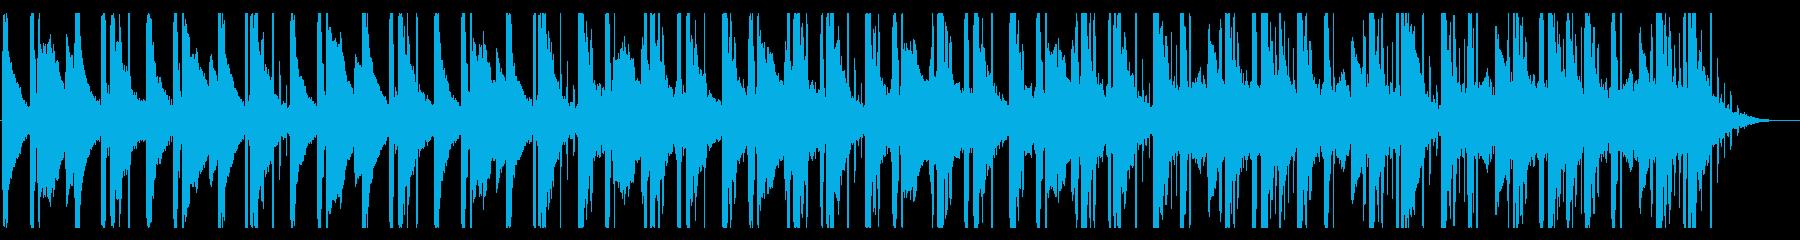 不気味/Hiphopの再生済みの波形